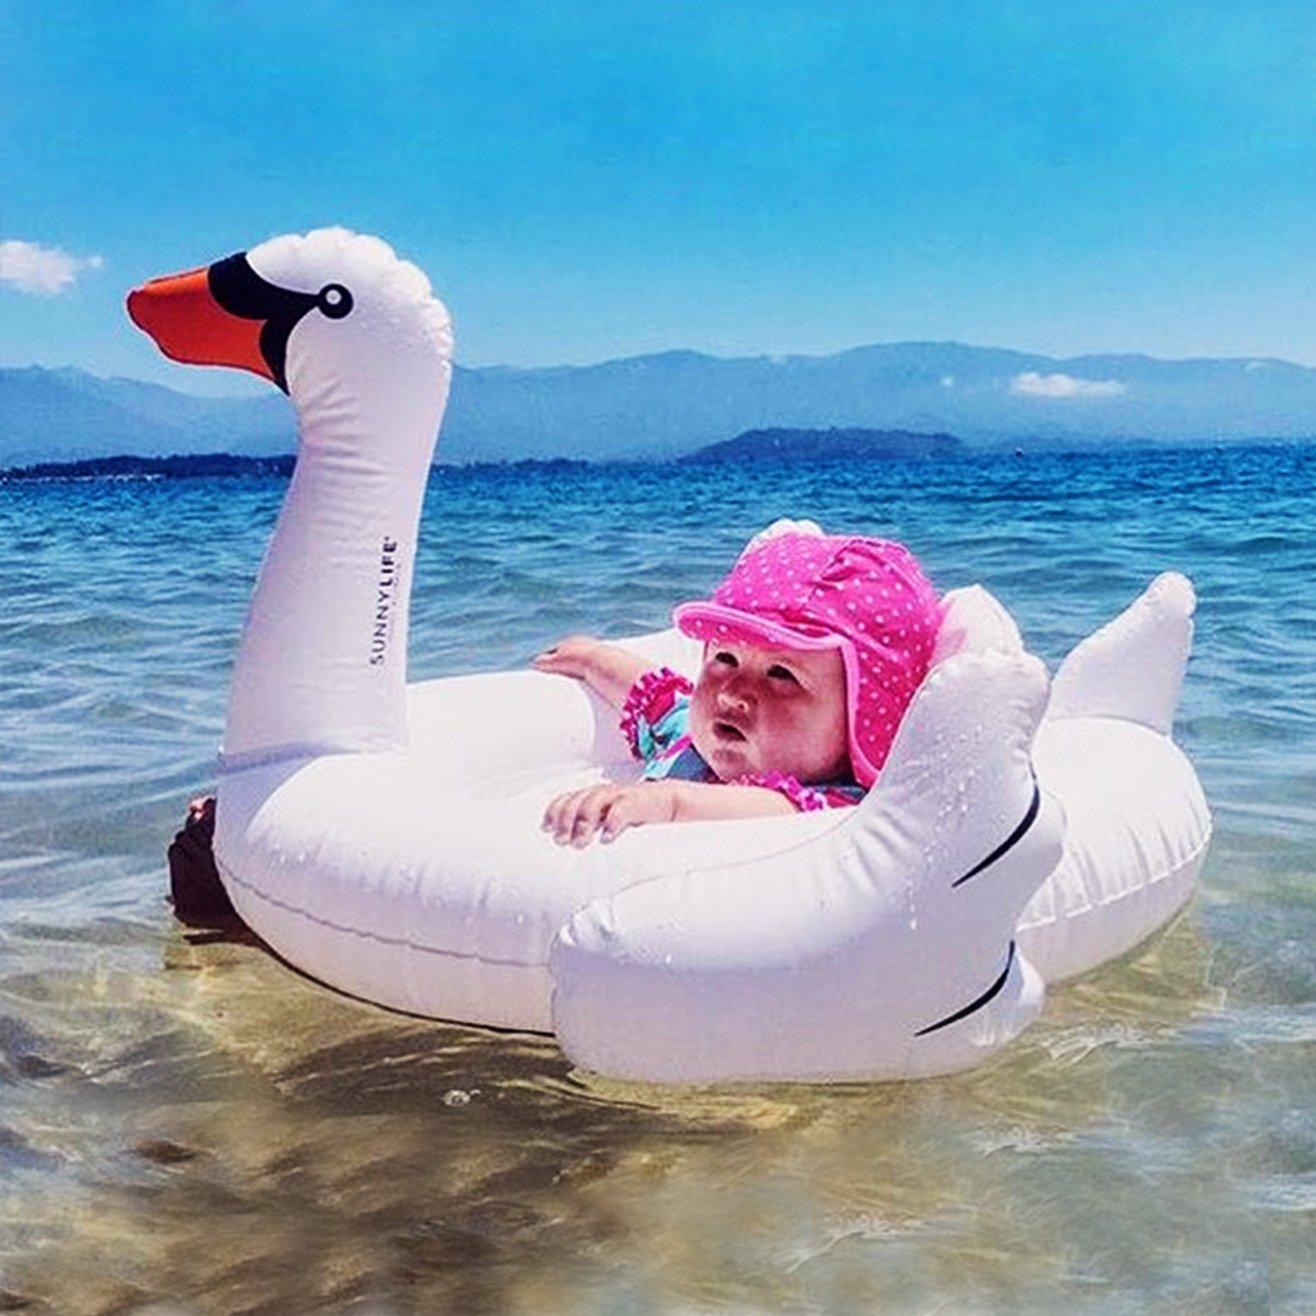 ZEEUPAI - Cisne Blanco Flotador de Piscina Inflable para niños Asiento Flotante para bebé (Cisne Blanco): Amazon.es: Juguetes y juegos